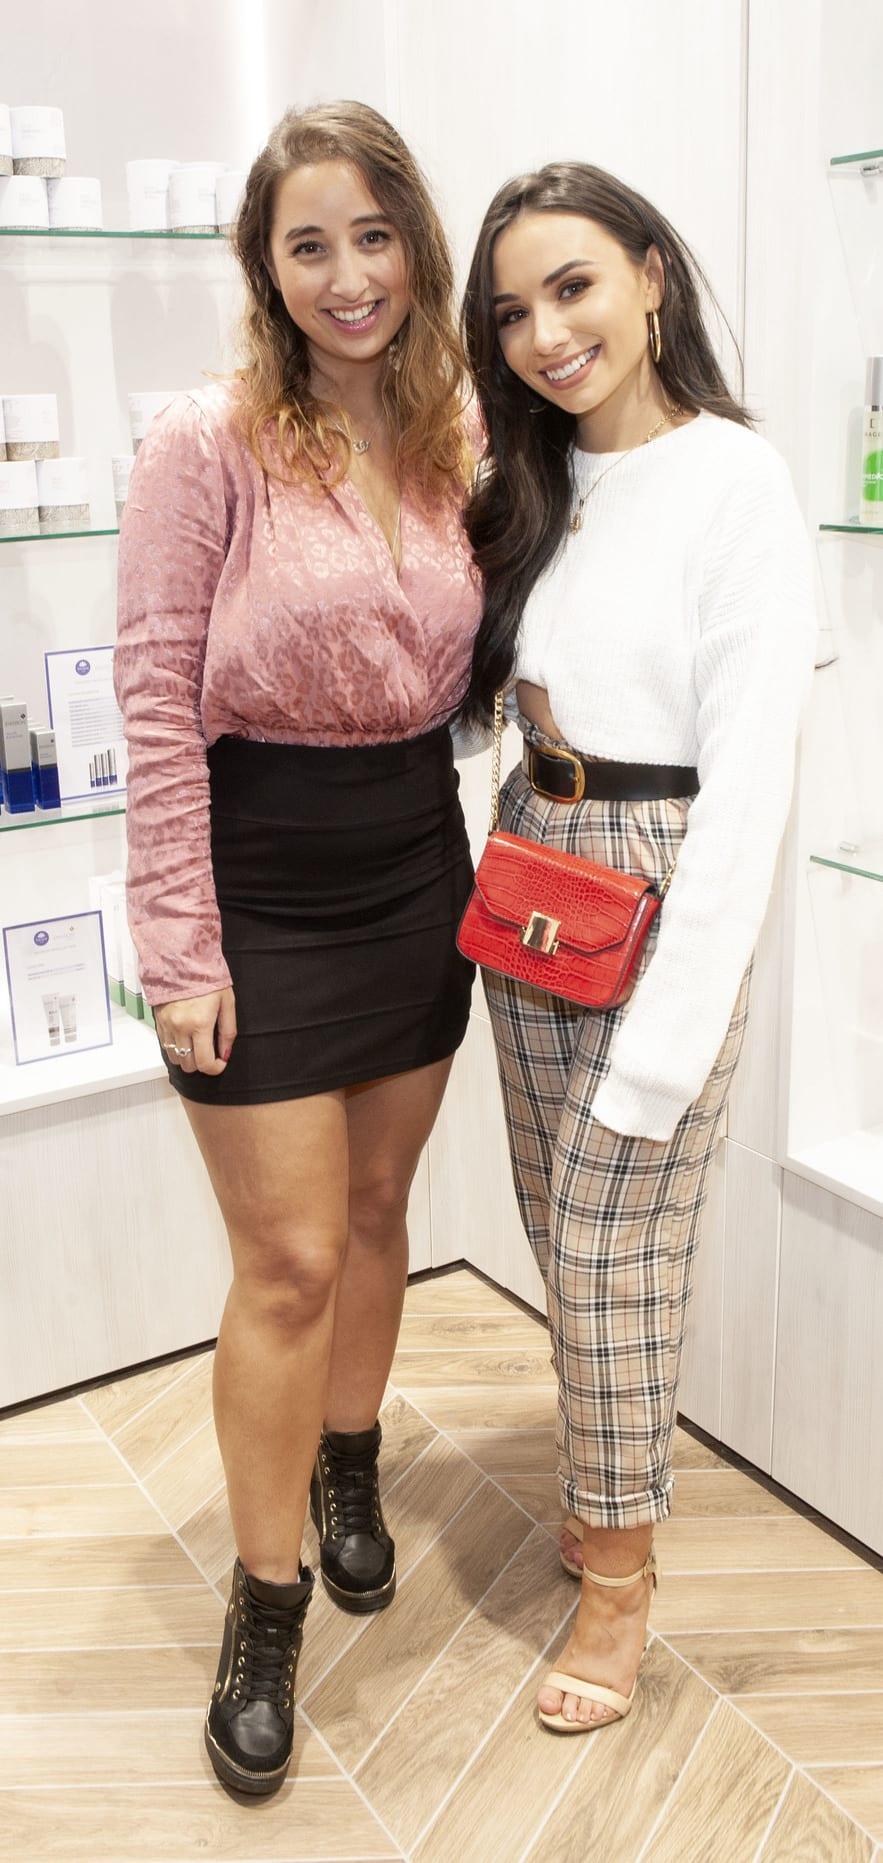 Nirina Plunkett and Rebekah O'Leary